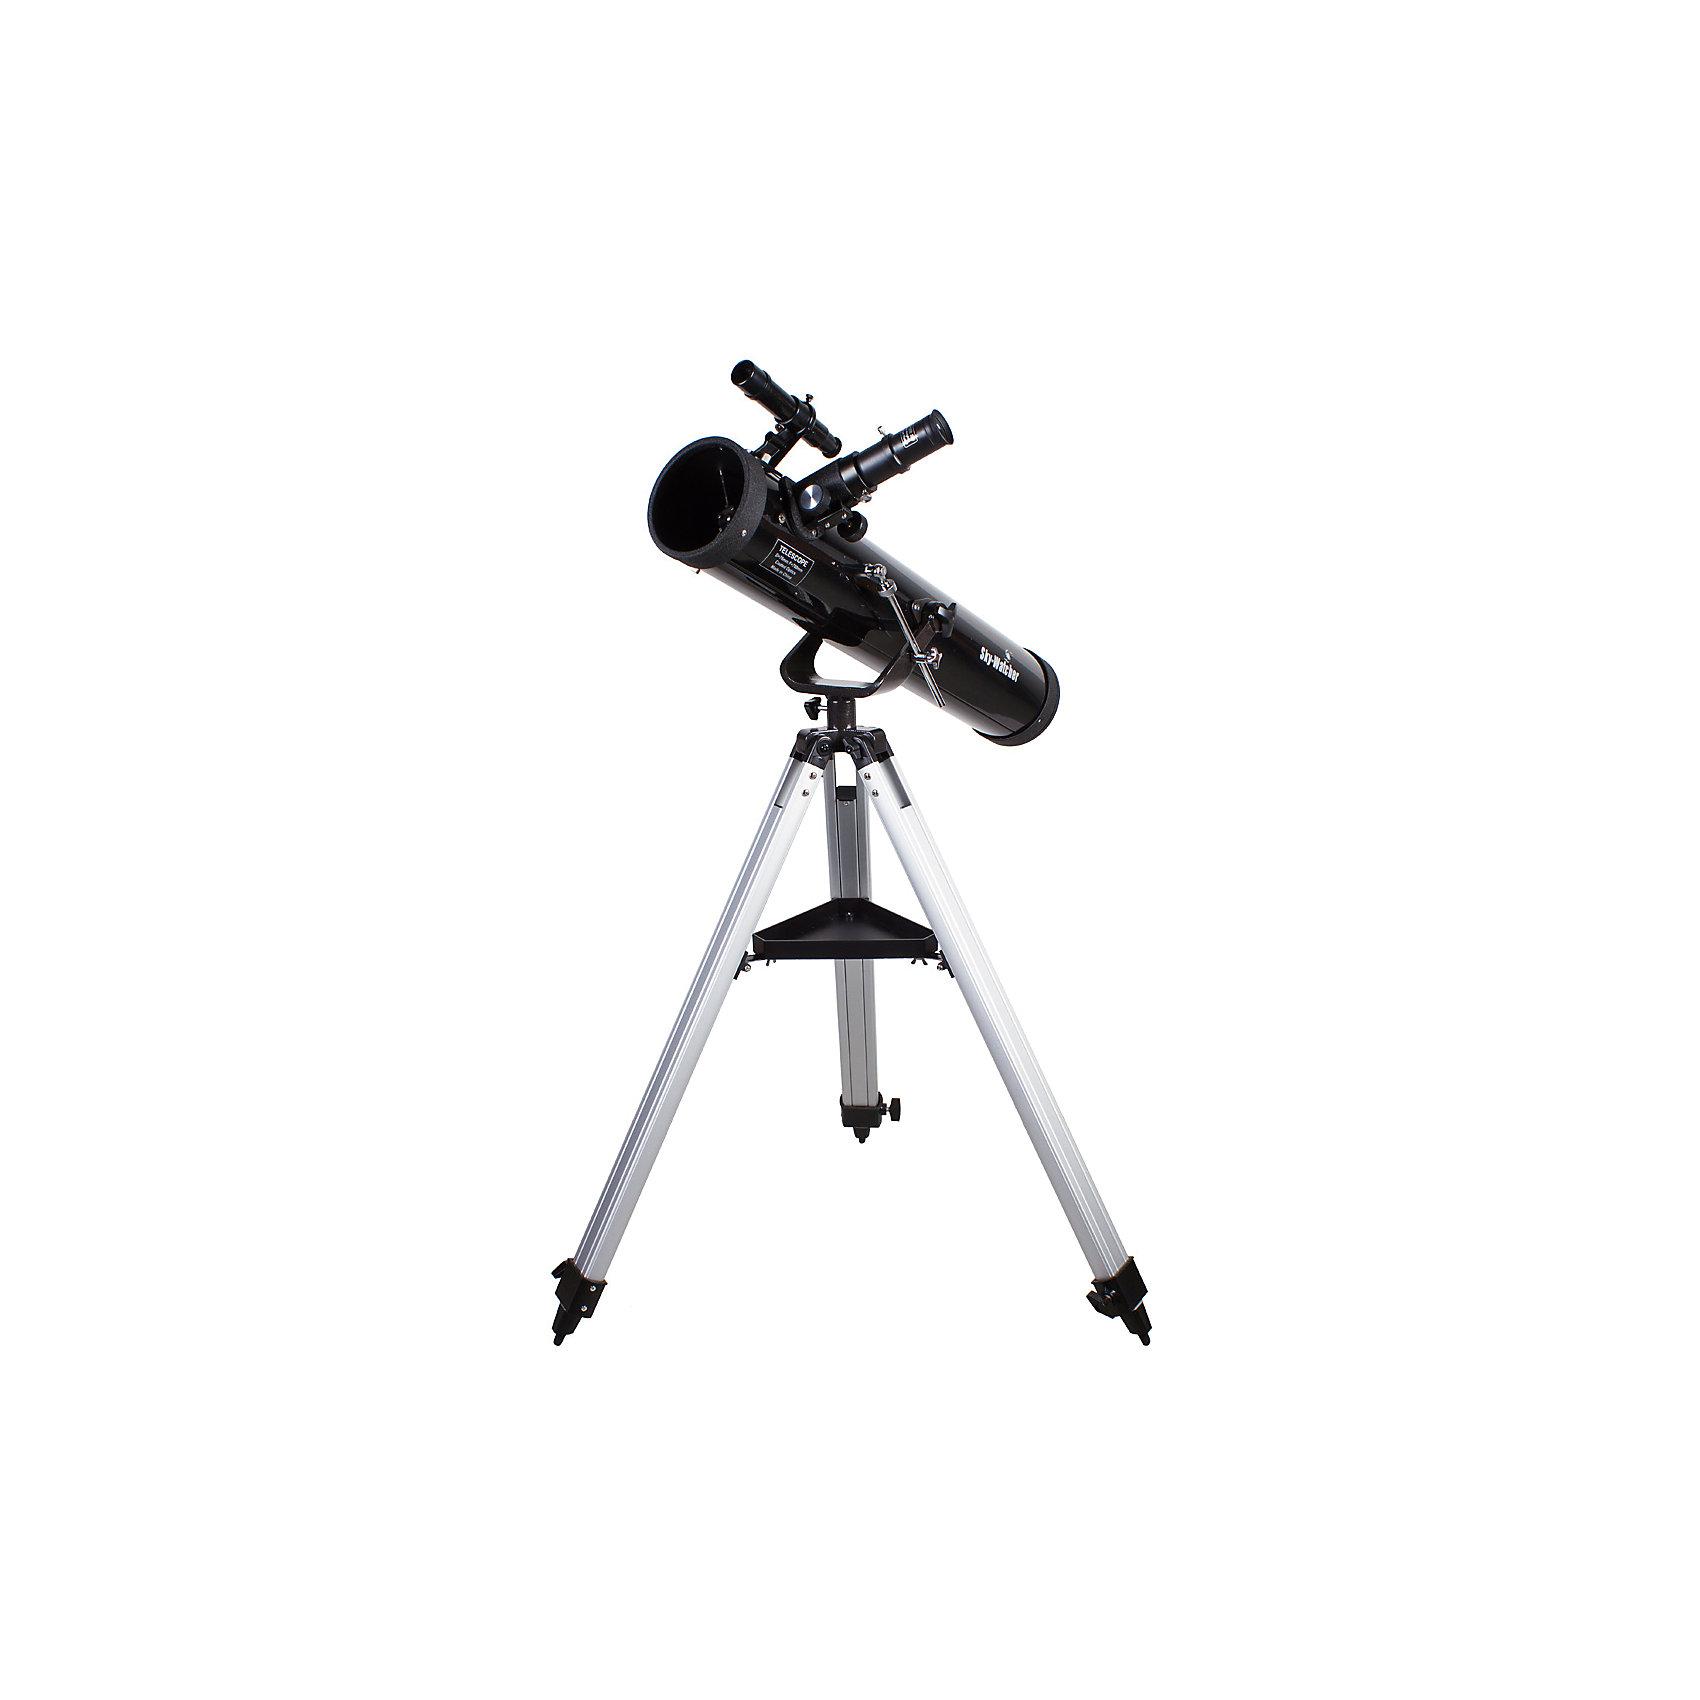 Телескоп Sky-Watcher BK 767AZ1Телескопы<br>Характеристики товара:<br><br>• материал: металл, пластик<br>• тип телескопа: рефлектор<br>• максимальное полезное увеличение: 152 крат<br>• светосила (относительное отверстие): f/9,2<br>• окуляры в комплекте Super 25 мм, Super 10 мм<br>• посадочный диаметр окуляров: 1,25 дюймов<br>• искатель: оптический, 6x24<br>• тип управления телескопом: ручной<br>• фокусное расстояние: 700 мм<br>• тип монтировки: азимутальная<br>• габариты в упаковке: 100х26х32 см<br>• вес в упаковке: 6 кг<br>• страна бренда: КНР<br>• страна производства: КНР<br><br>Телескоп - это отличный способ заинтересовать ребенка наблюдениями за небесными телами и привить ему интерес к учебе. Эта модель была разработана специально для детей - он позволяет увеличивать предметы из космоса и изучать их. Благодаря легкому и прочному корпусу телескоп удобно брать с собой!<br><br>Оптические приборы от компании Sky-Watcher уже успели зарекомендовать себя как качественная и надежная продукция. Для их производства используются только безопасные и проверенные материалы. Такой прибор способен прослужить долго. Подарите ребенку интересную и полезную вещь!<br><br>Телескоп Sky-Watcher BK 767AZ1, можно купить в нашем интернет-магазине.<br><br>Ширина мм: 1000<br>Глубина мм: 260<br>Высота мм: 320<br>Вес г: 6750<br>Возраст от месяцев: 60<br>Возраст до месяцев: 2147483647<br>Пол: Унисекс<br>Возраст: Детский<br>SKU: 5435329